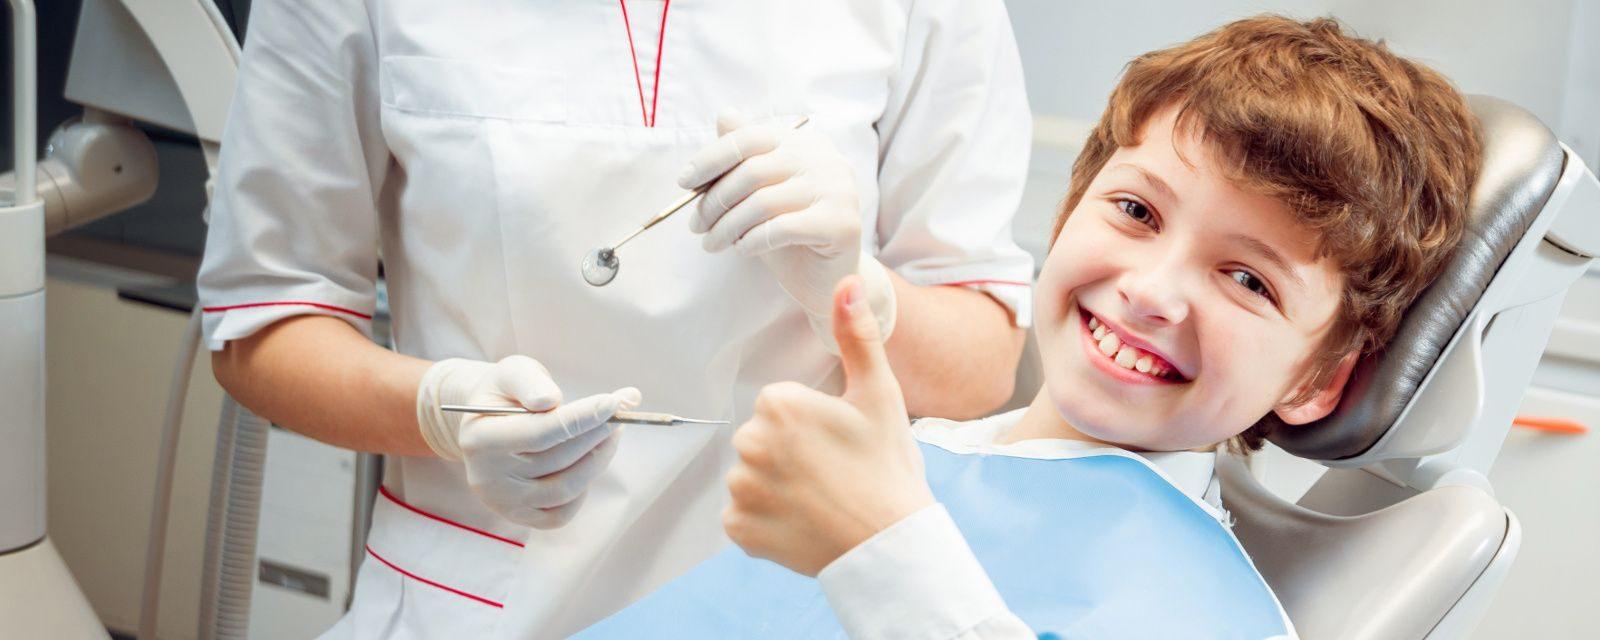 higiene bucal infantil, dentista para niños en majadahonda, revisión de los dientes en majadahonda, odontopediatra en majadahonda